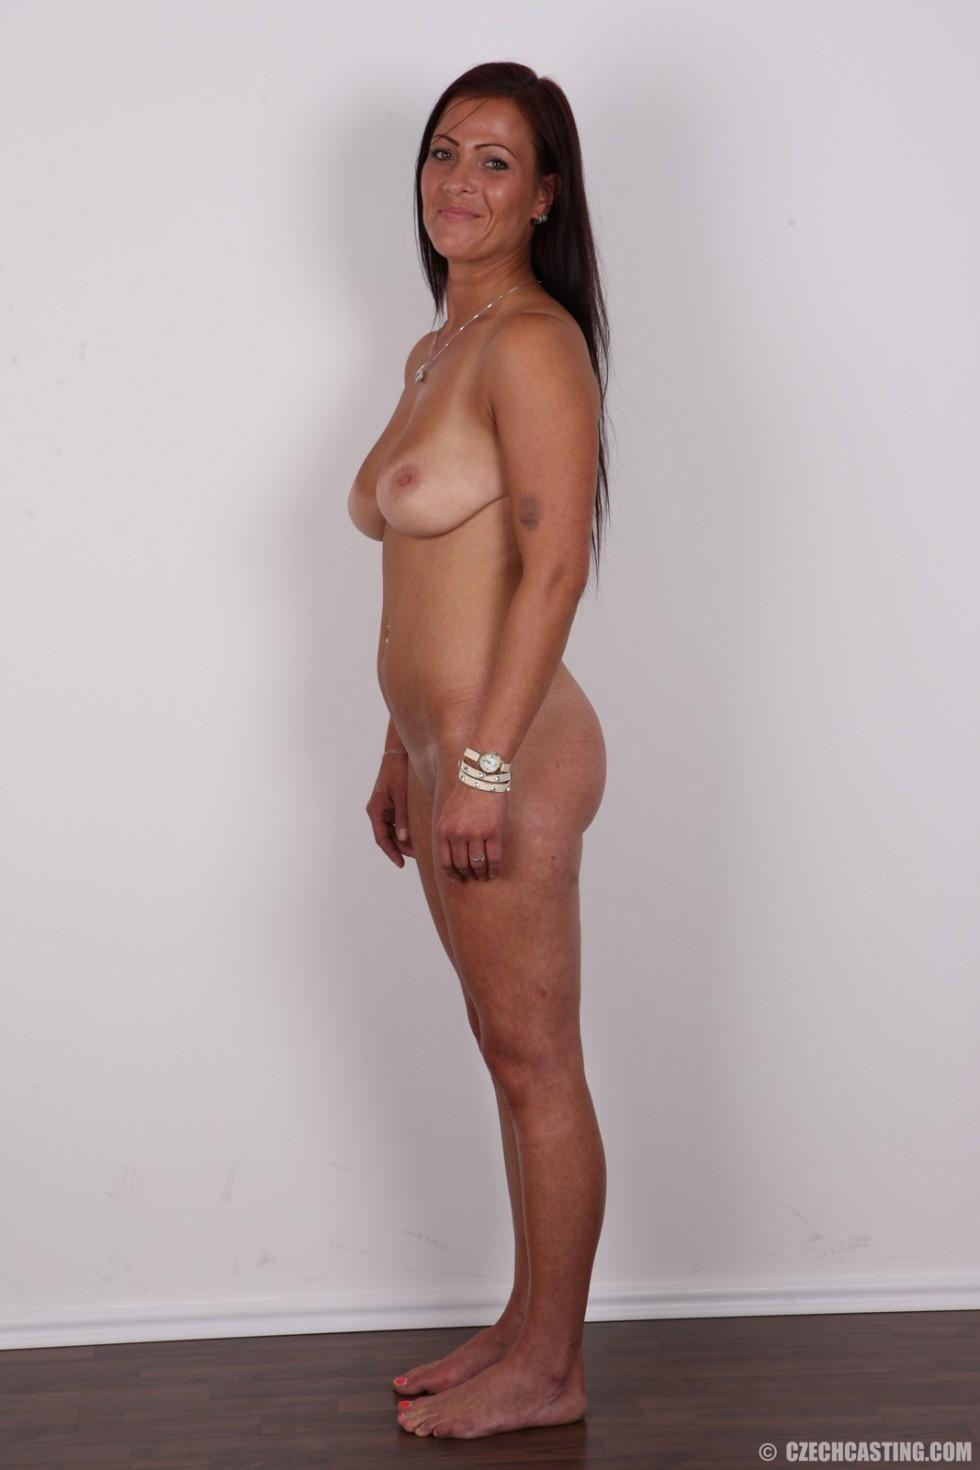 Зрелая девушка показала на кастинге шикарное загорелое тело и классные натуральные дойки